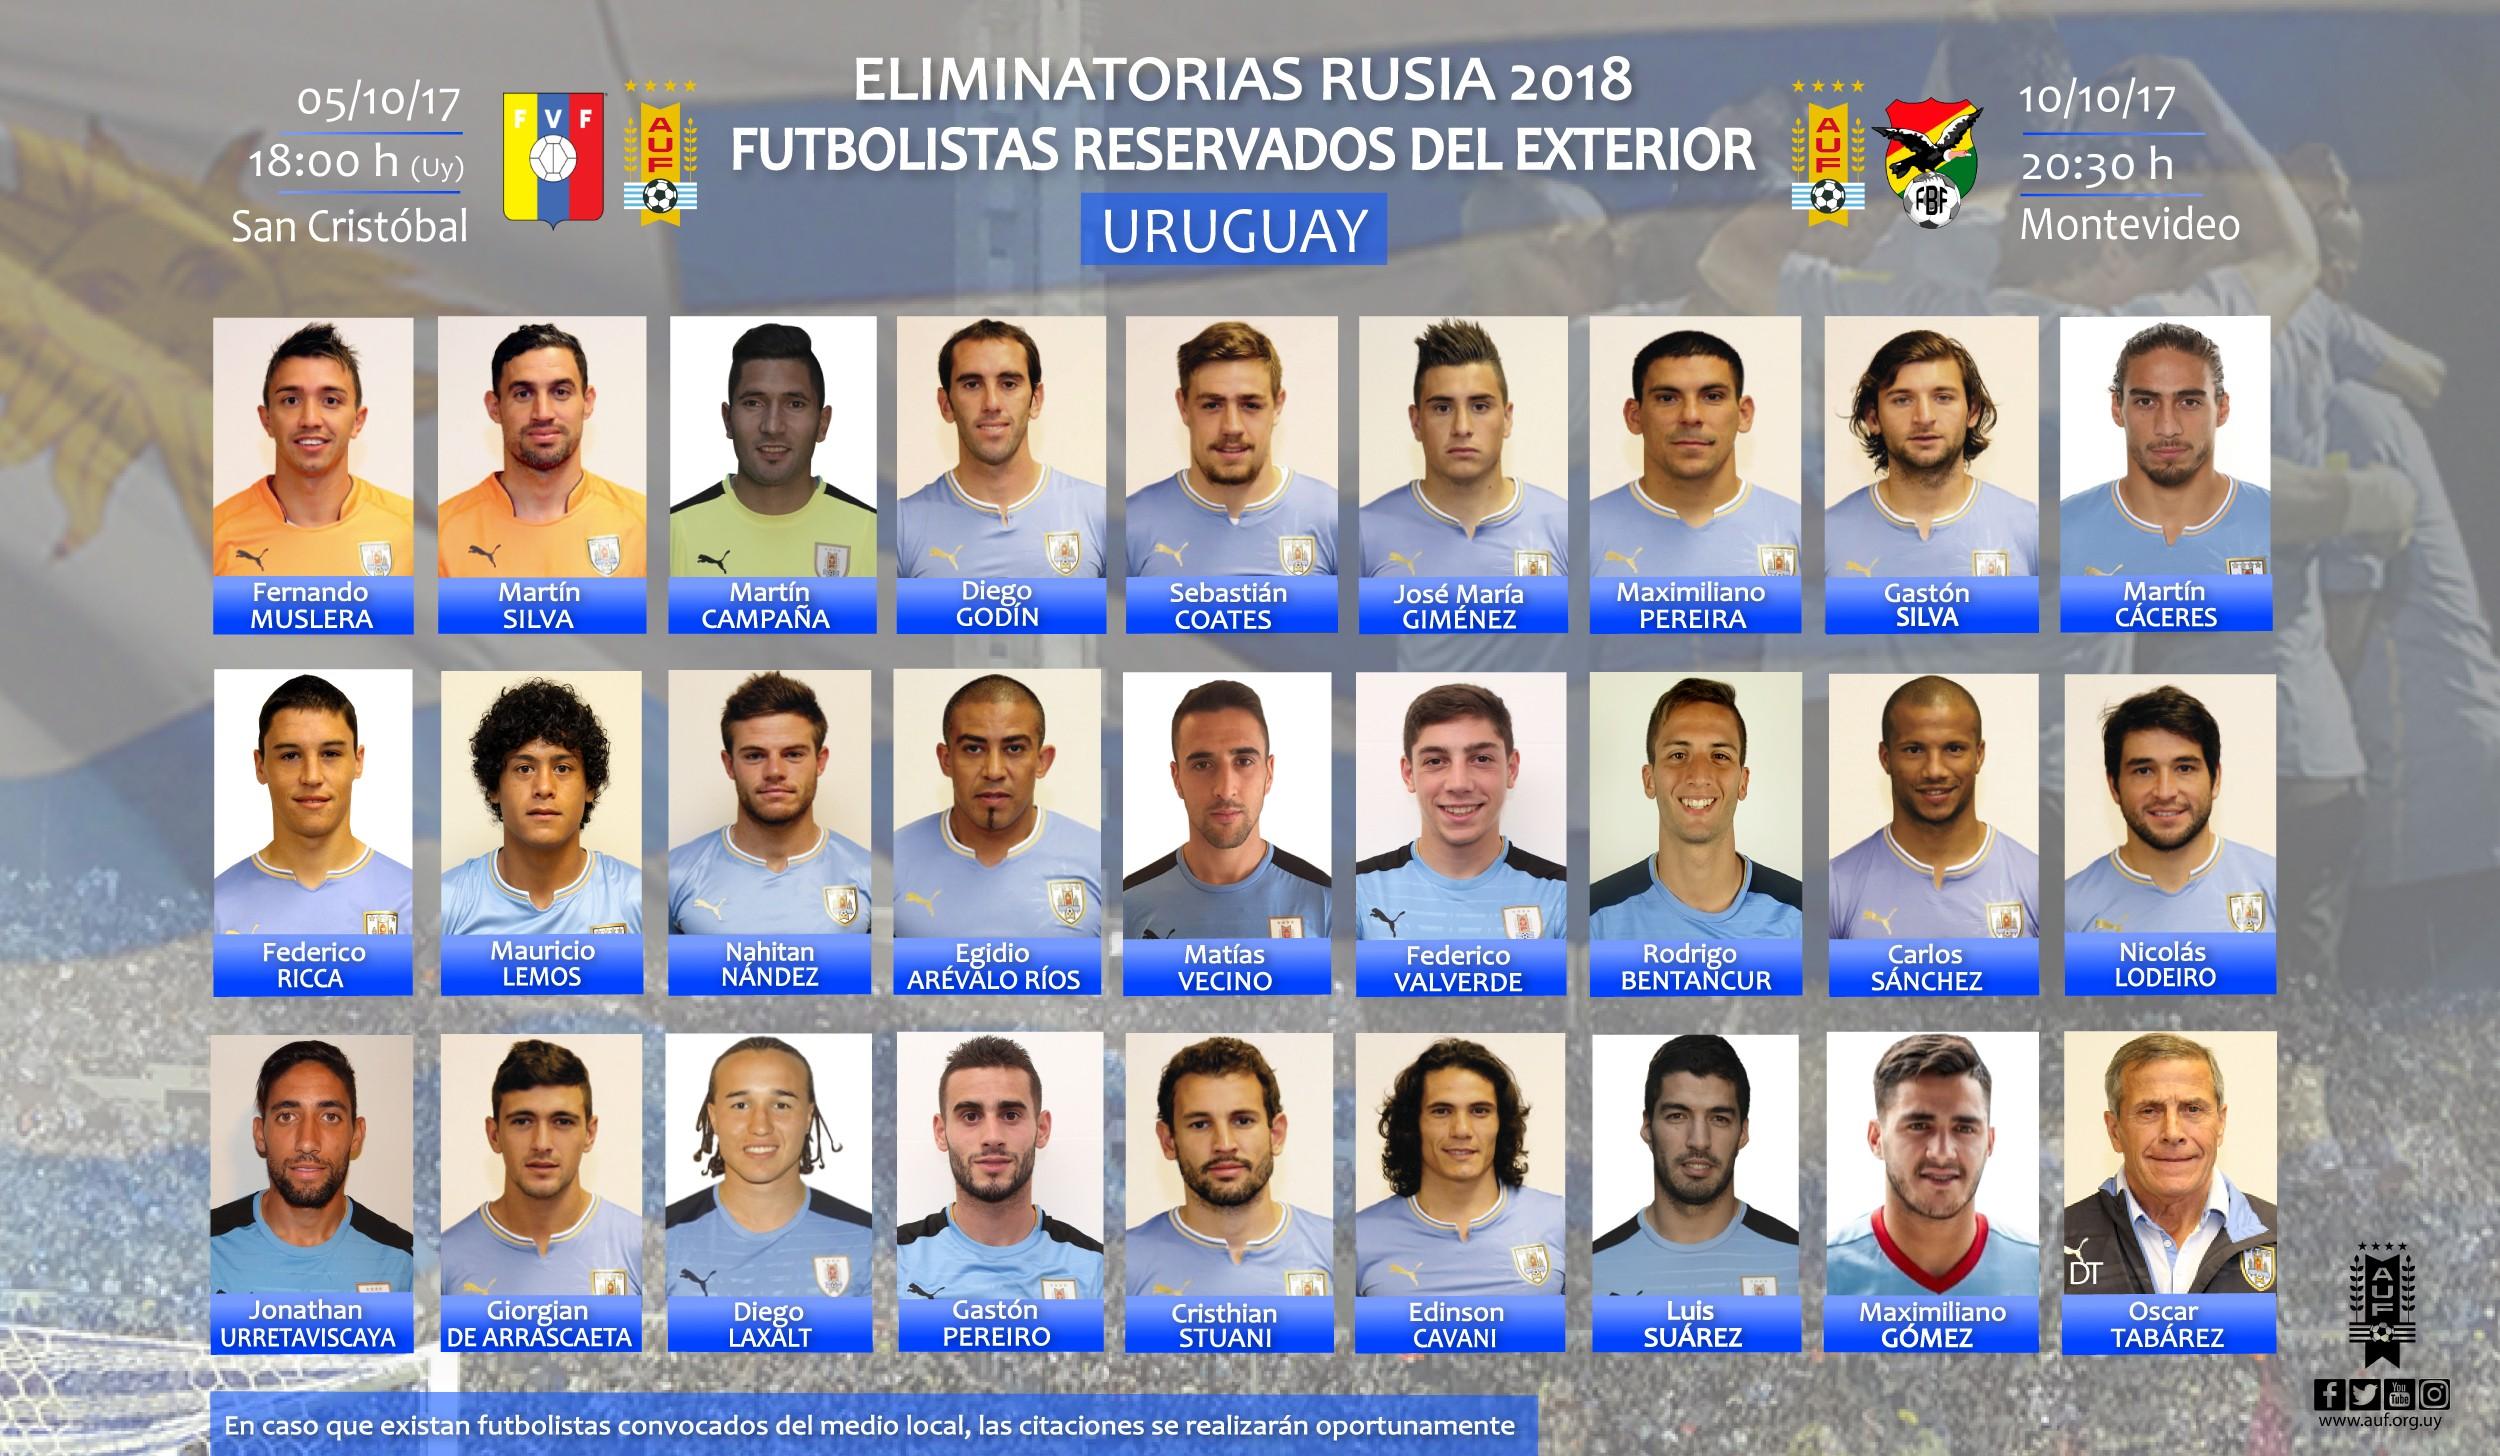 备战世预赛,乌拉圭发海外名单 - 乌拉圭|苏亚雷